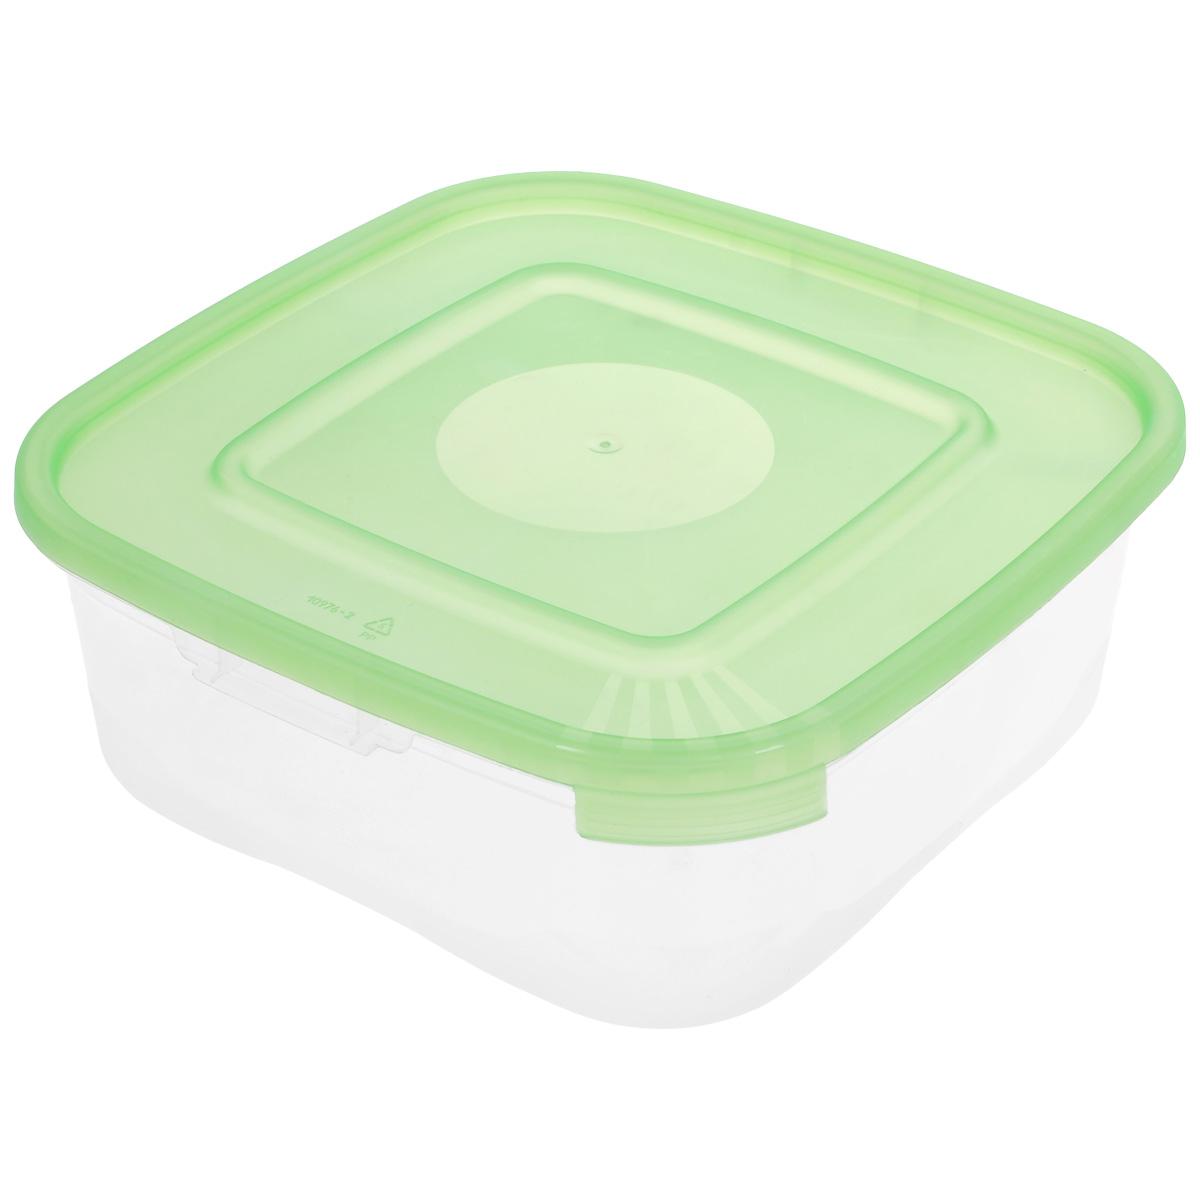 Контейнер Полимербыт Каскад, цвет: прозрачный, салатовый, 1,4 л контейнер полимербыт каскад цвет прозрачный сиреневый 1 л